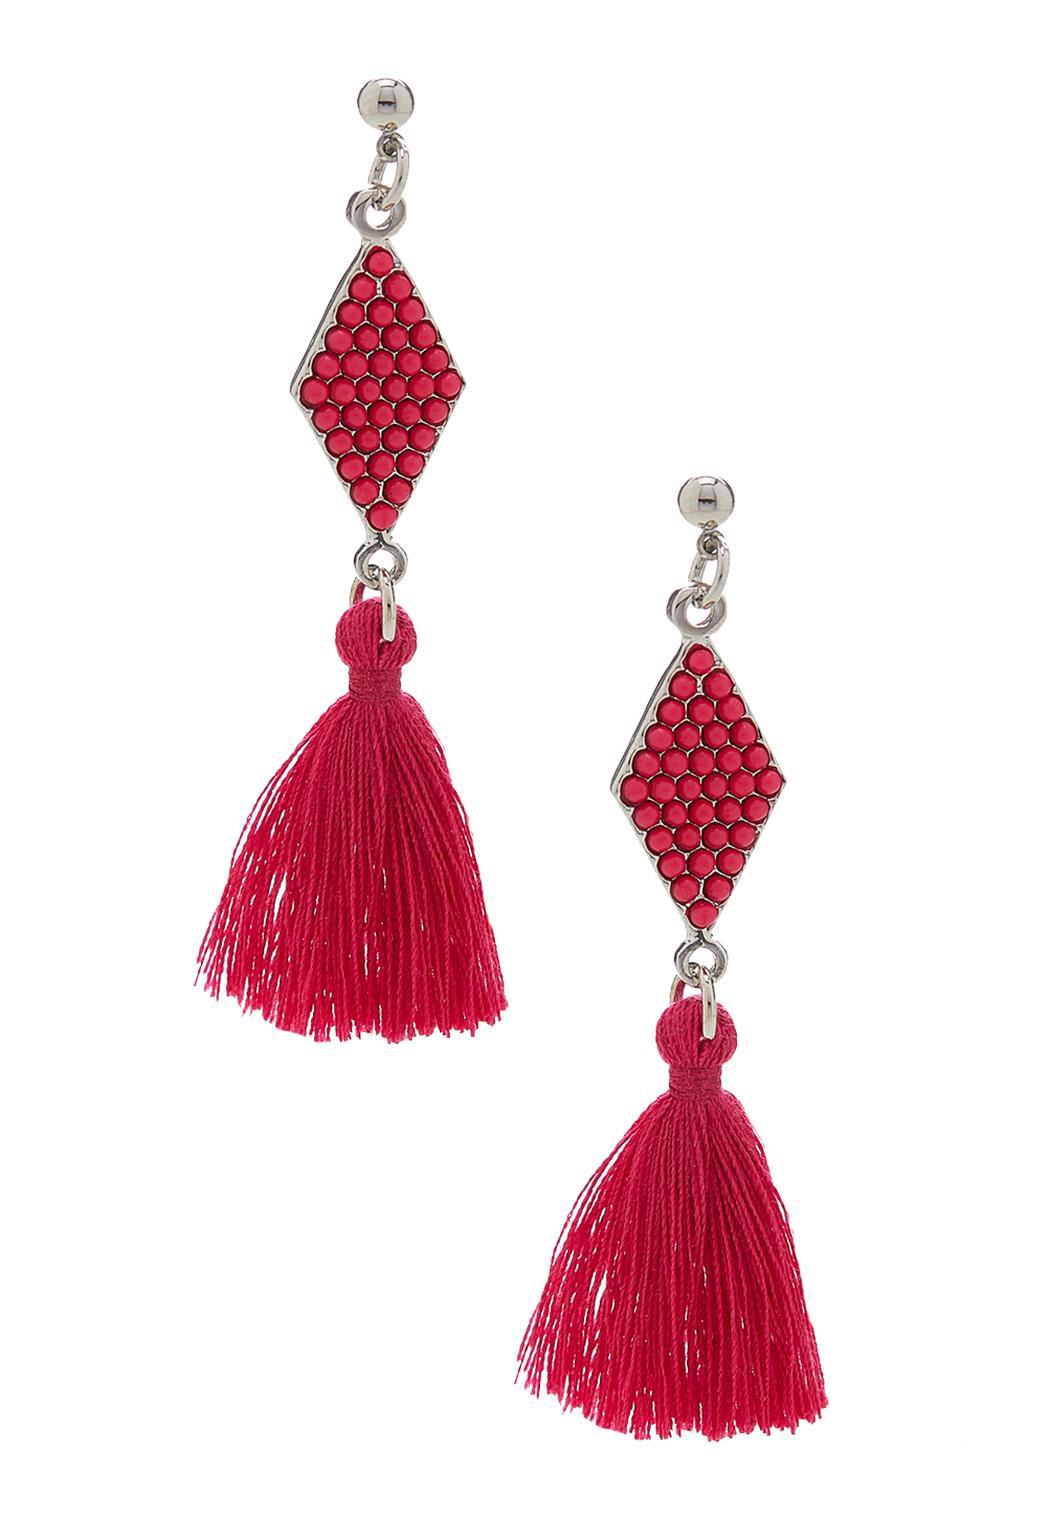 Tasseled Diamond Bead Earrings